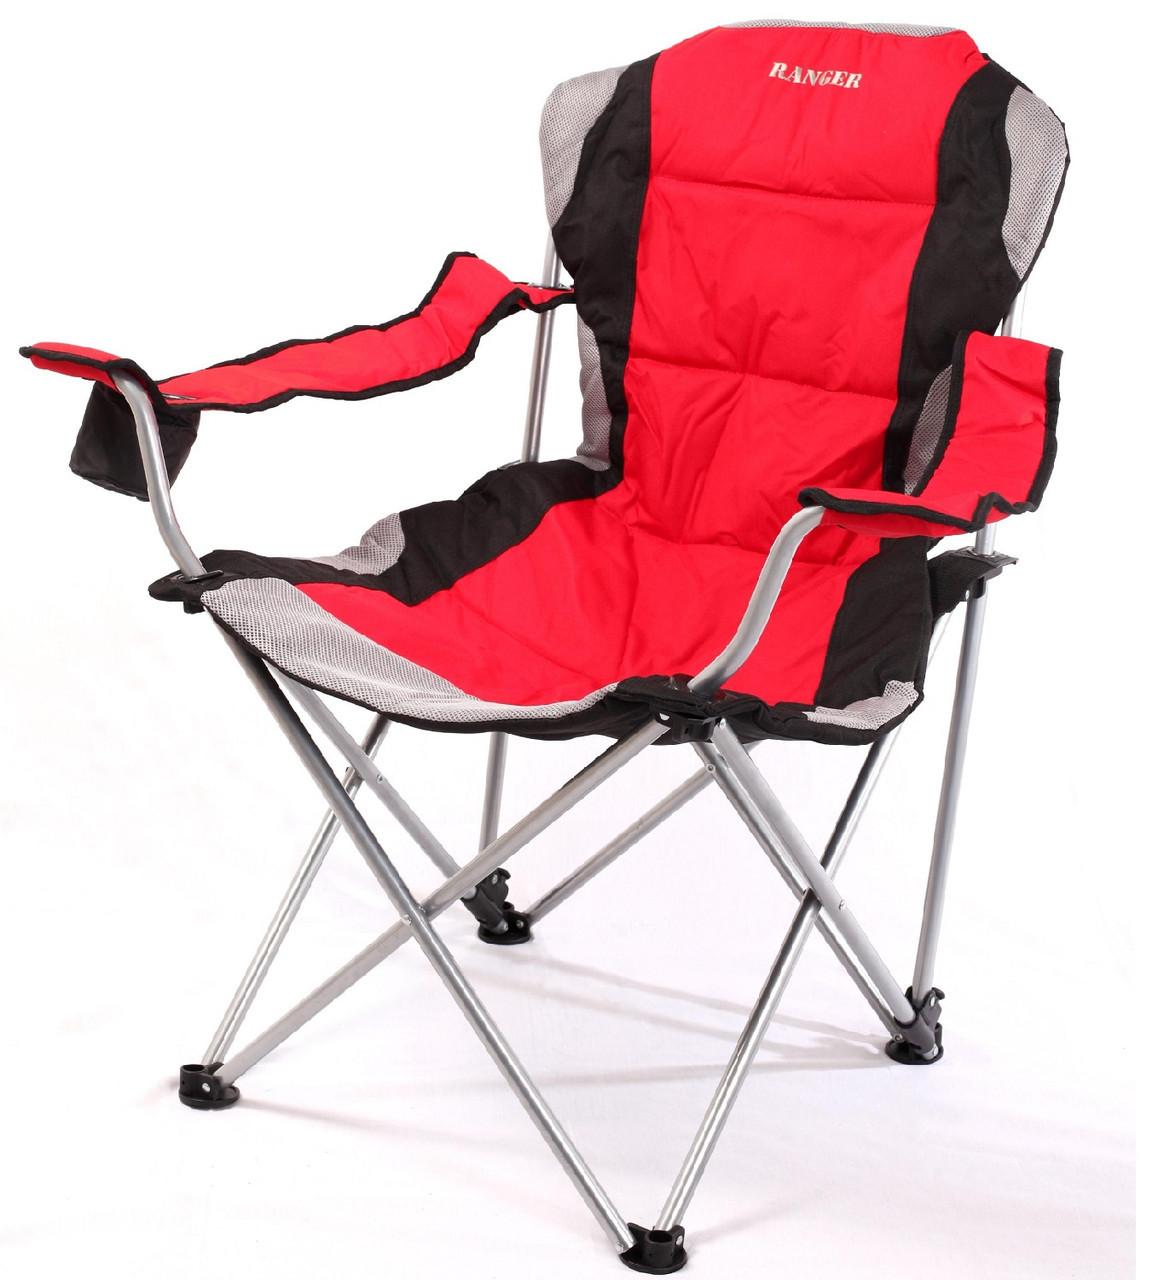 Кресло - шезлонг складное Ranger FC 750-052 RA 2212